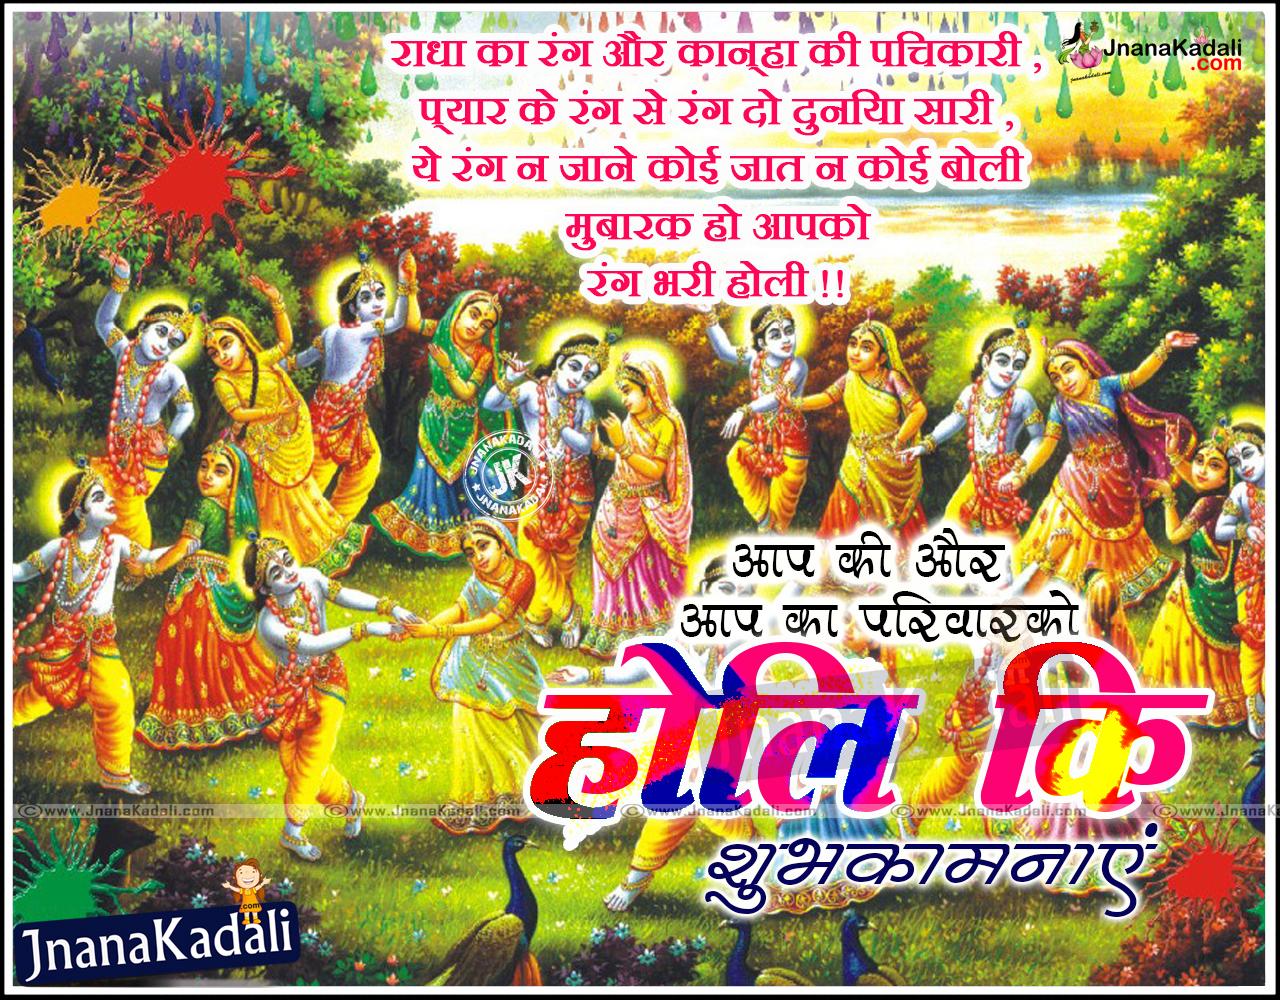 Happy Holi 2016 Wishes Greetings in Hindi Language   JNANA KADALI.COM ...